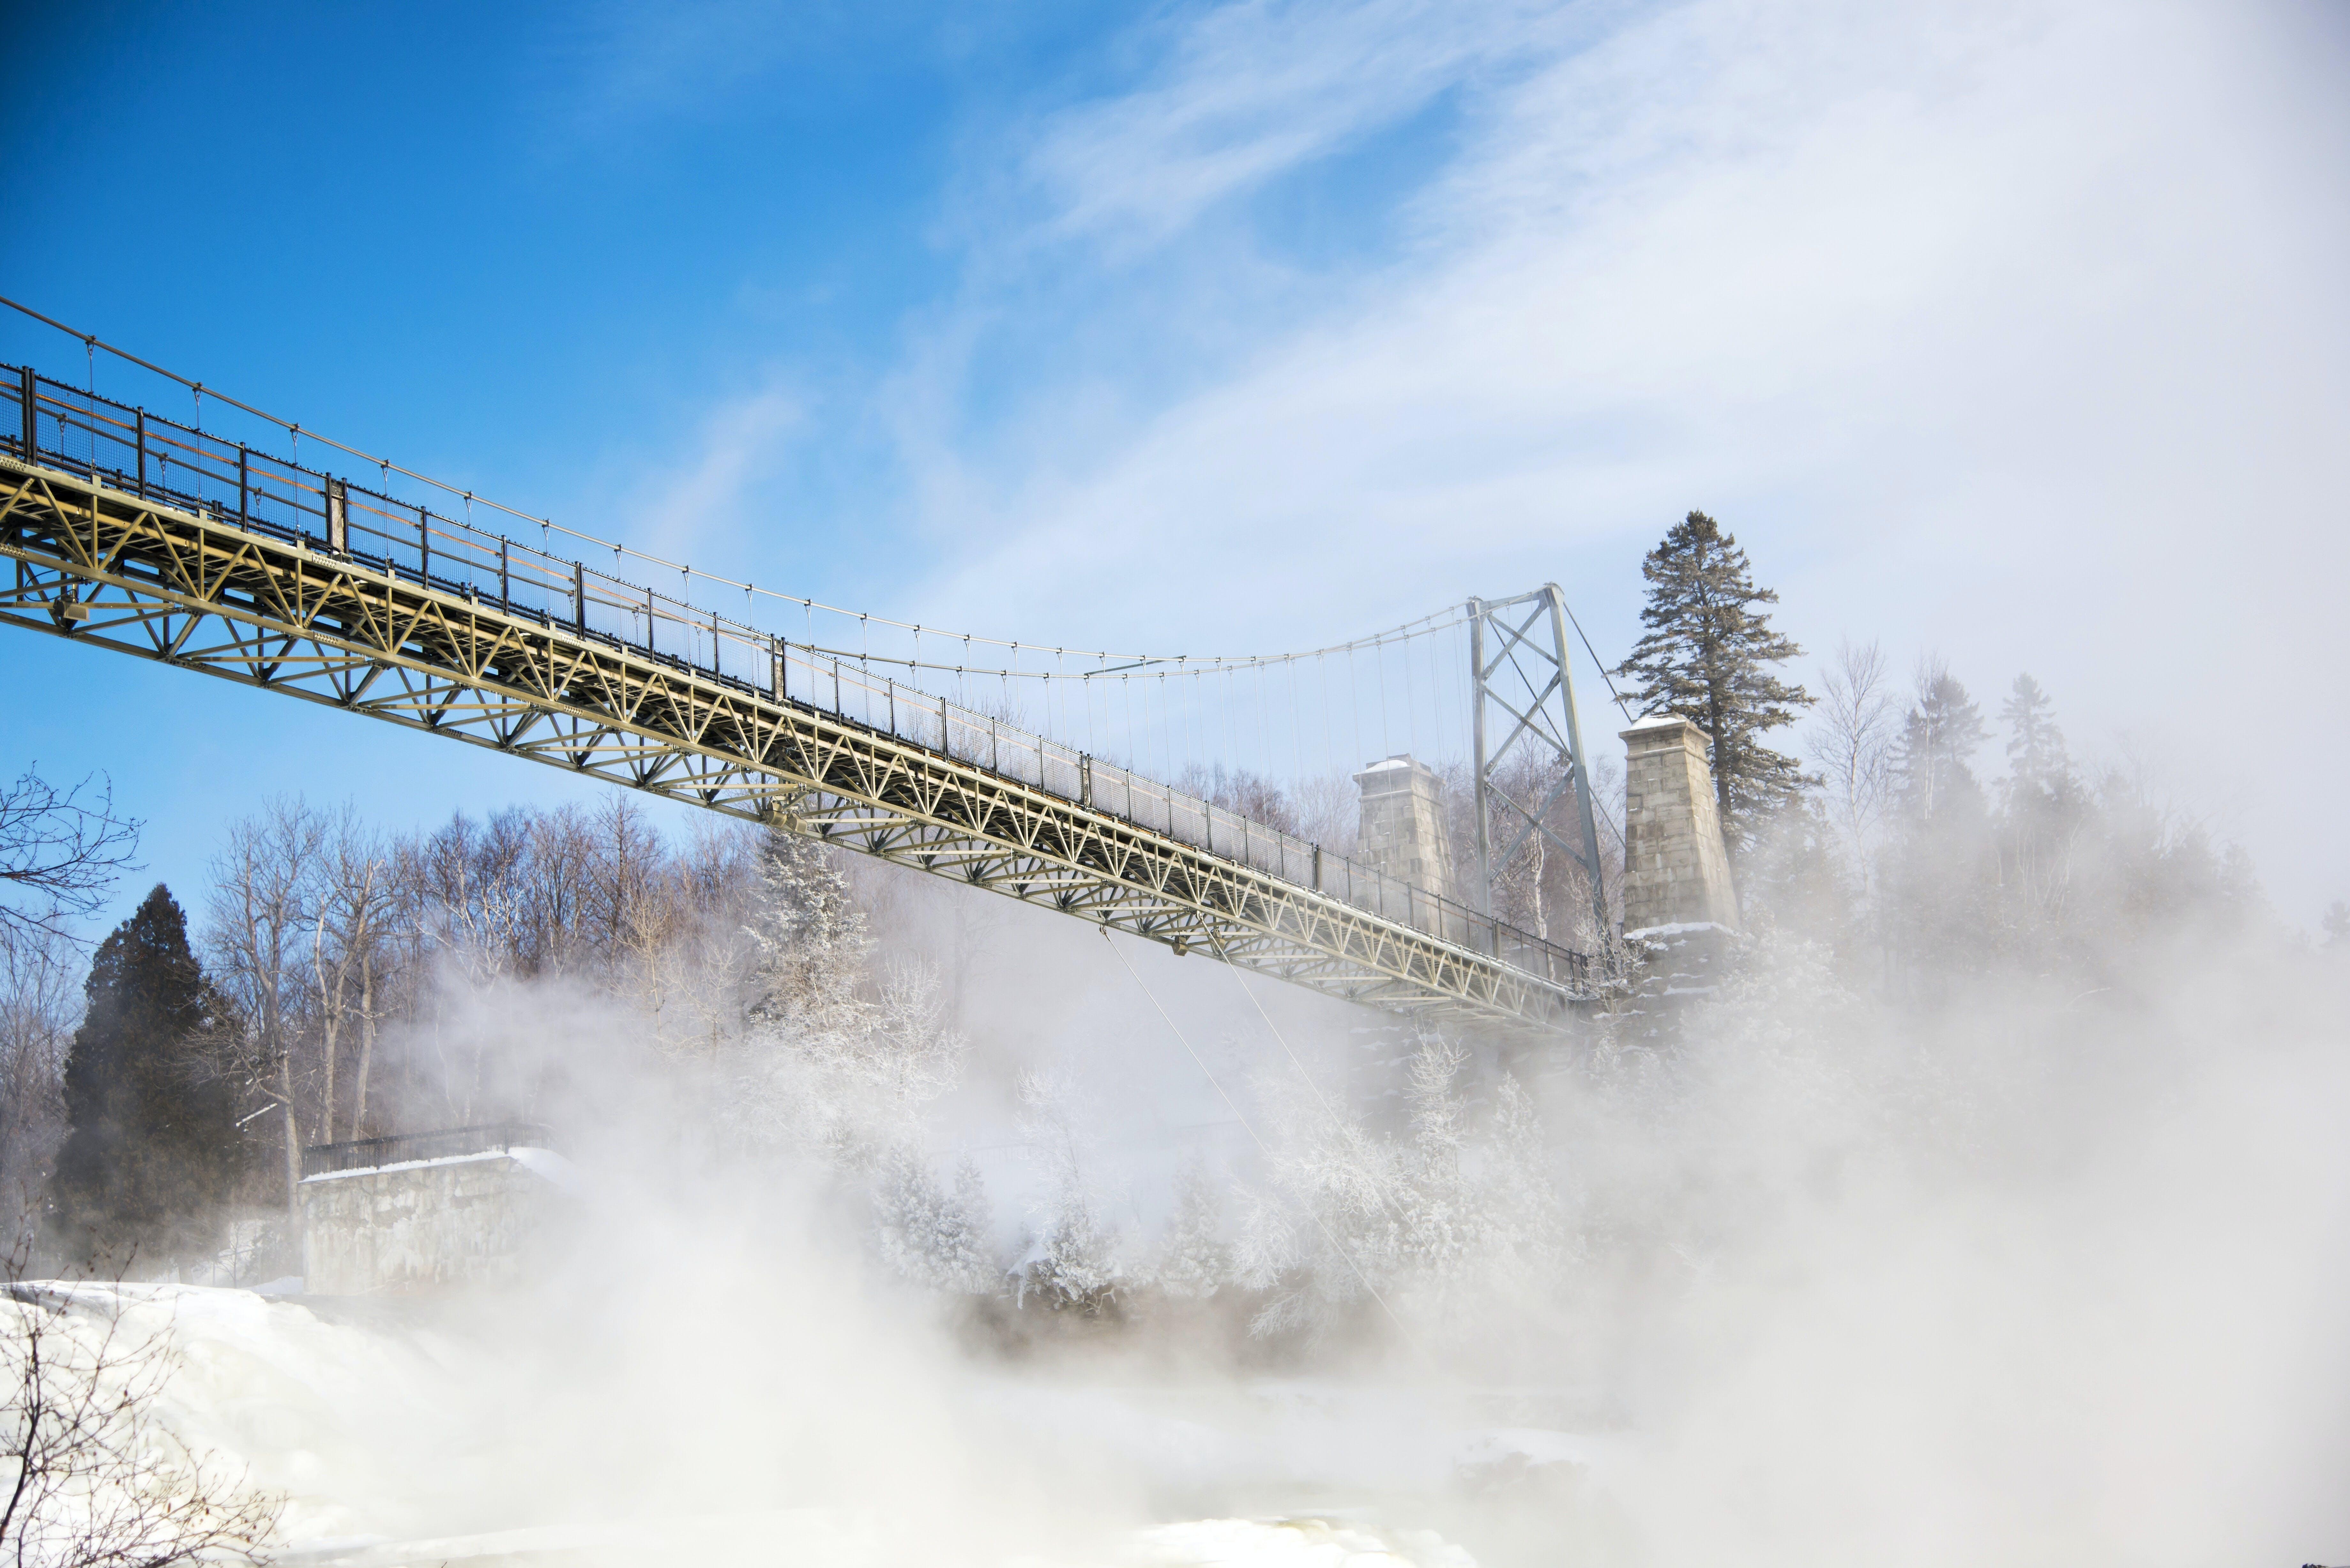 Smokes Under Bridge during Daytime